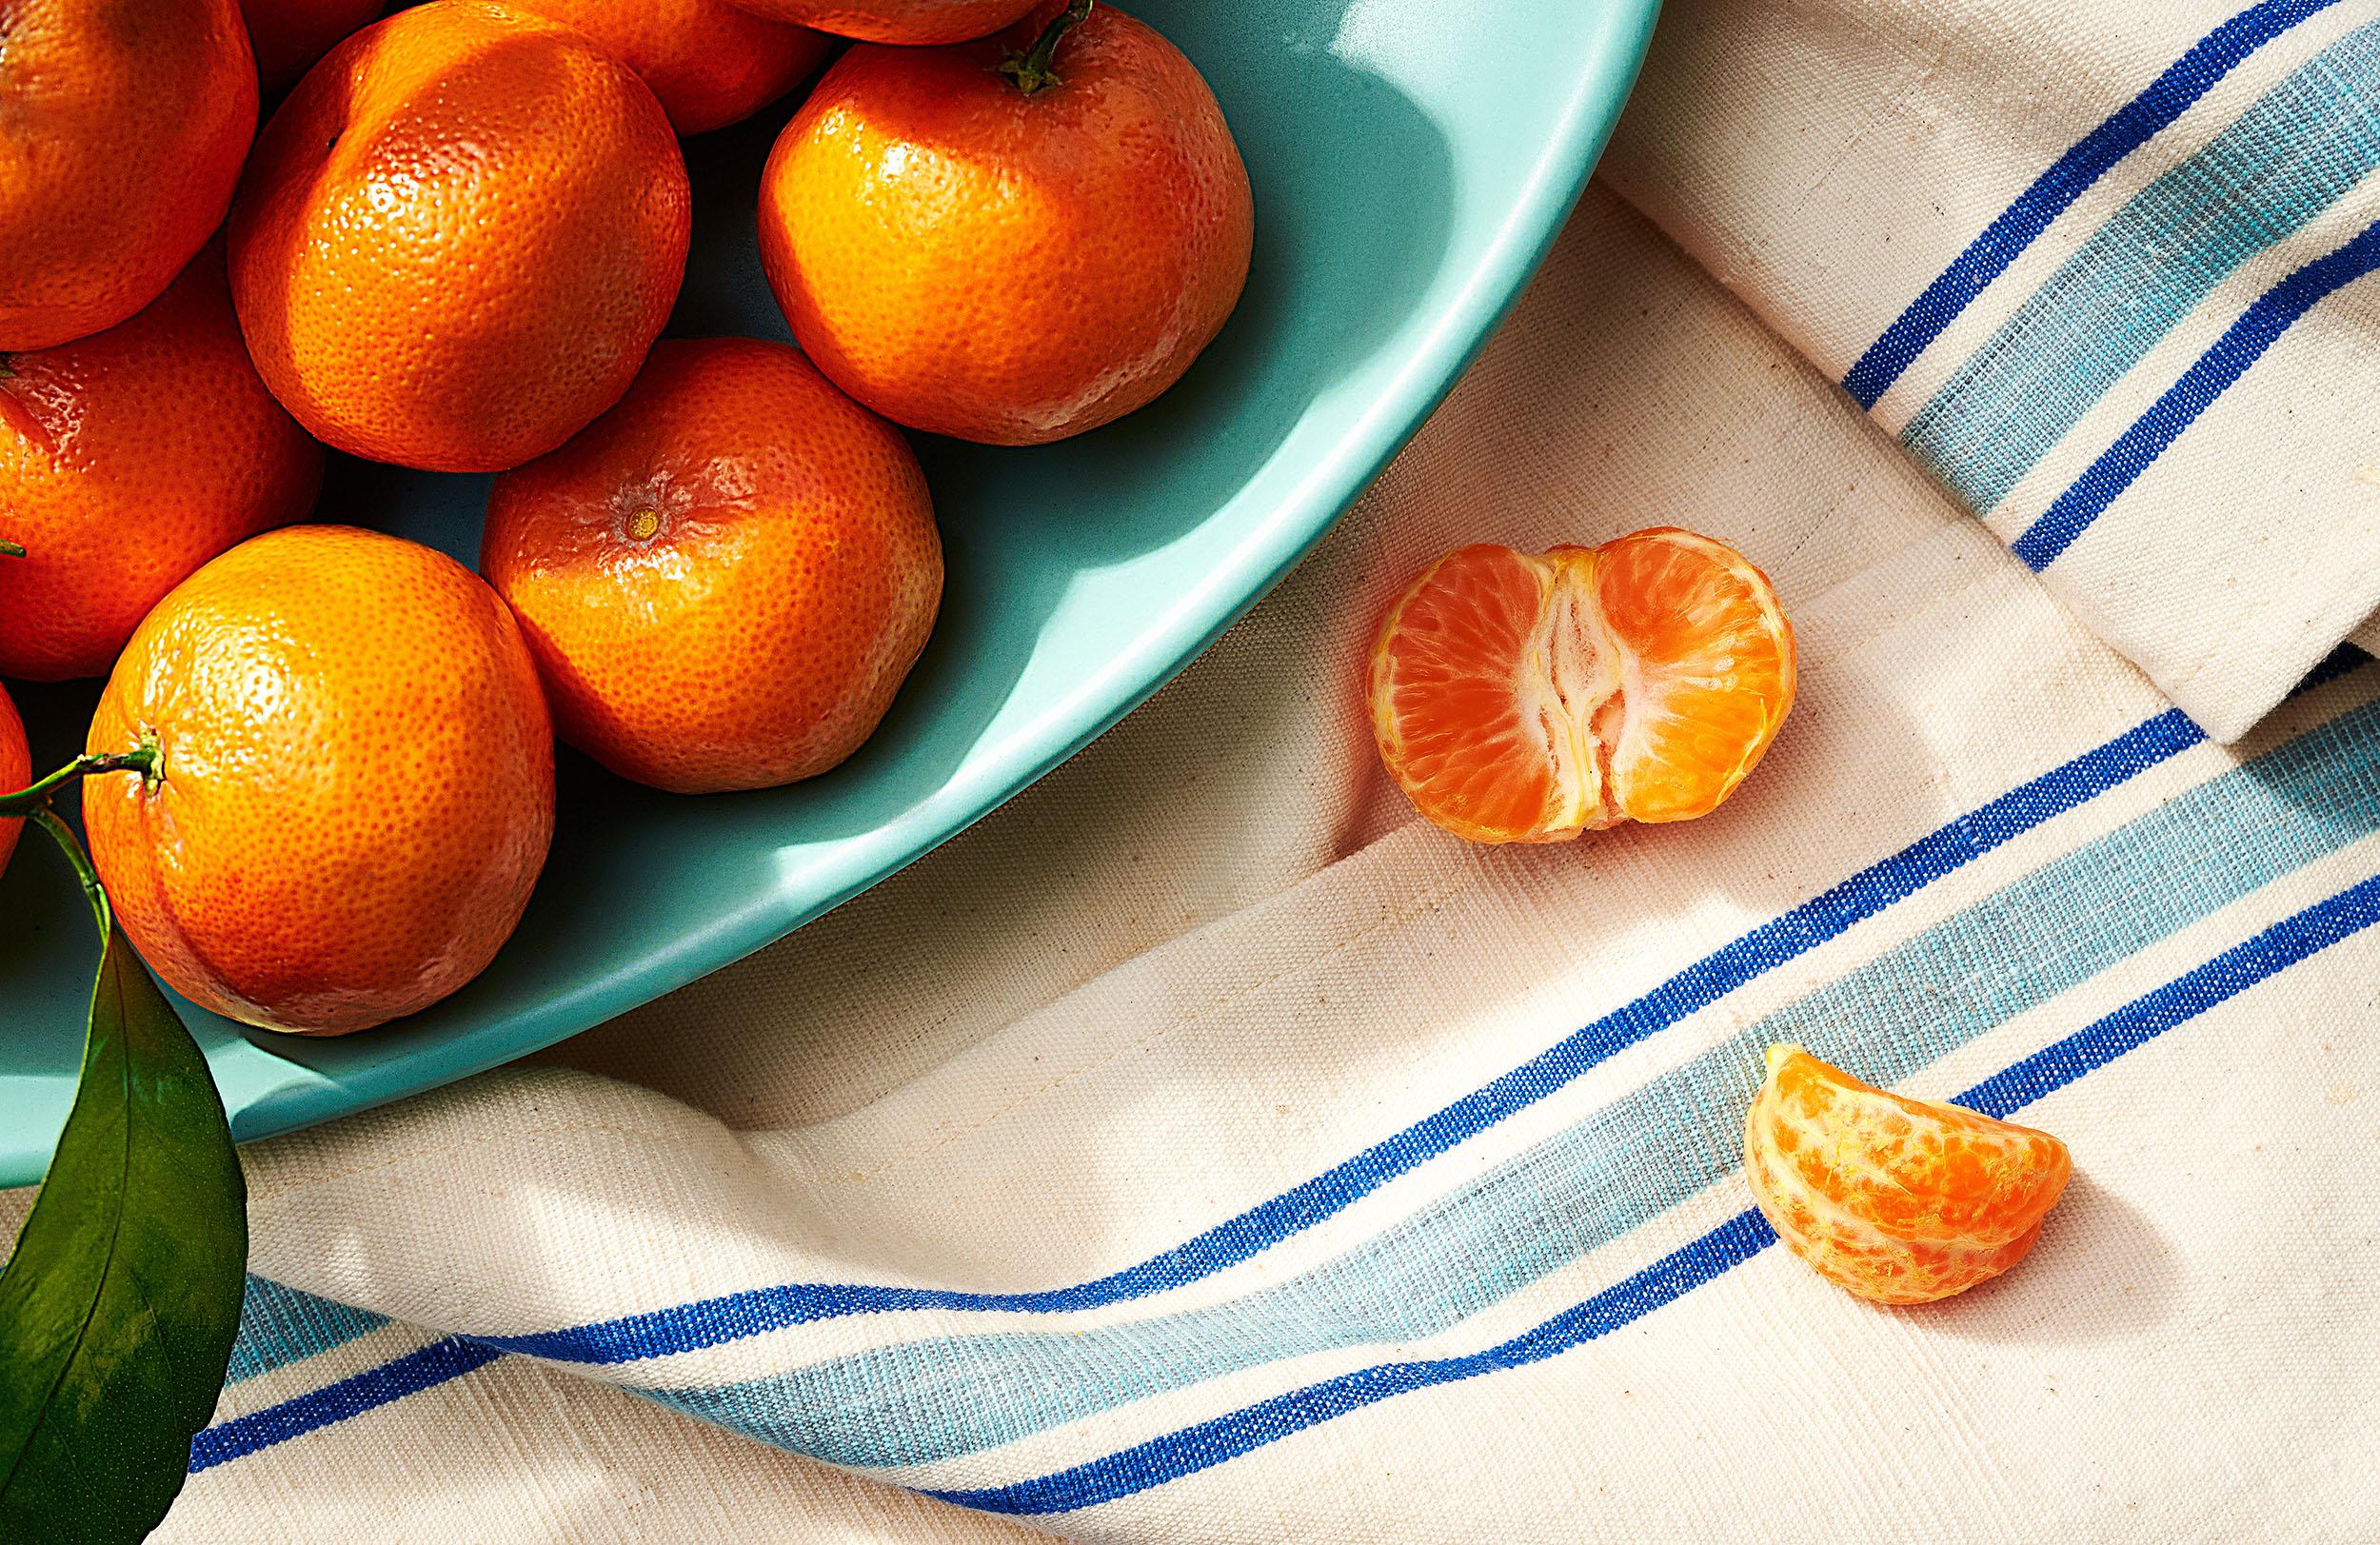 Test_KrisMarch13341_oranges_SS.jpg